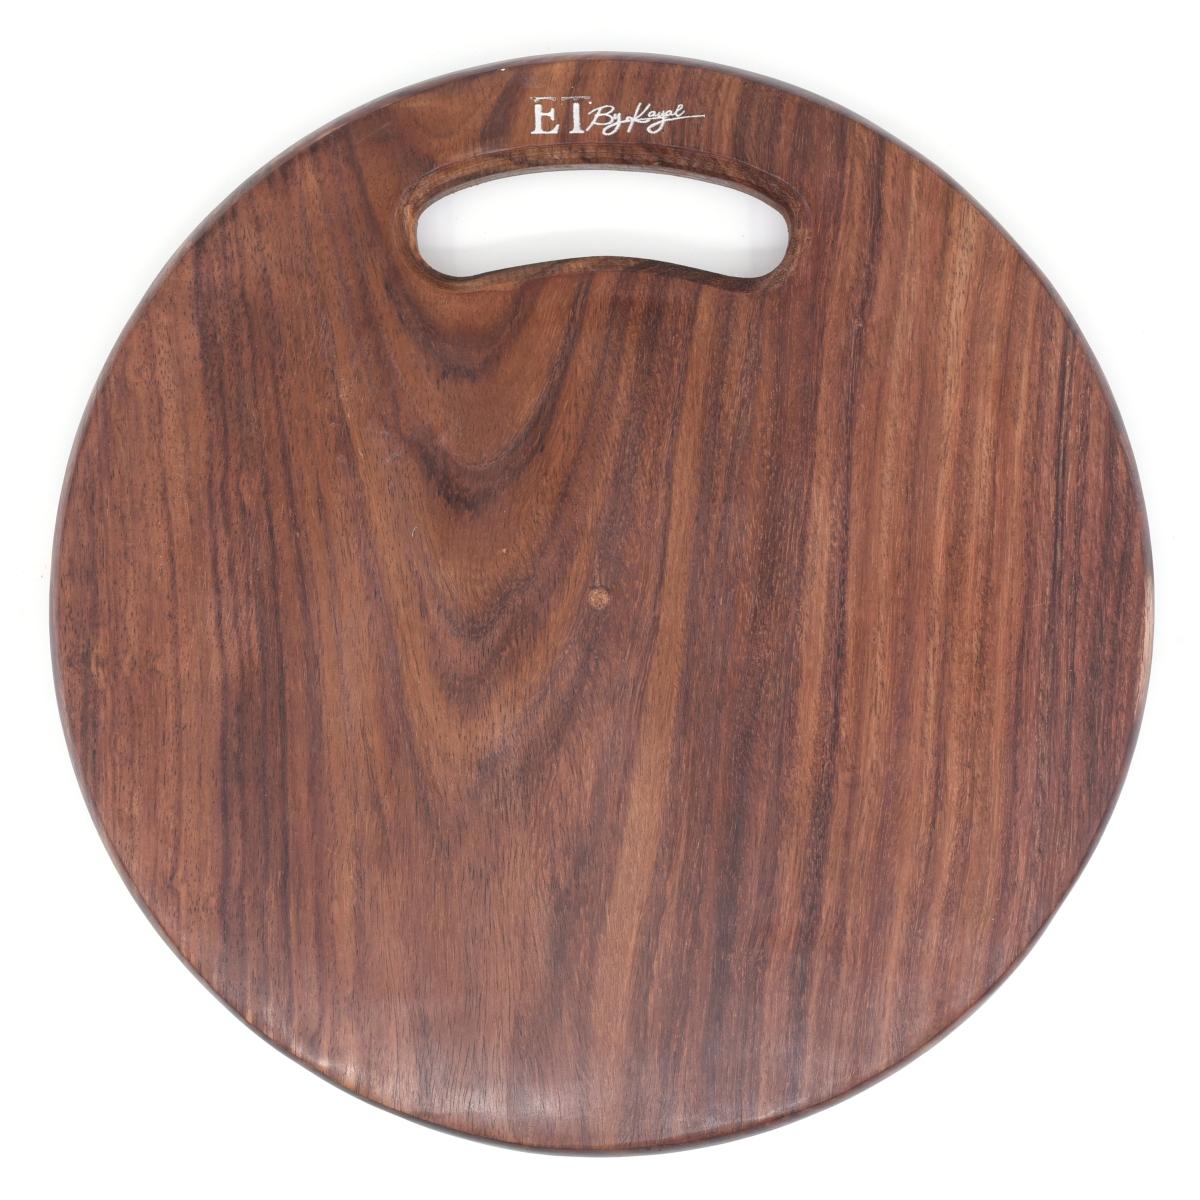 Wooden Cutting Board(Round)